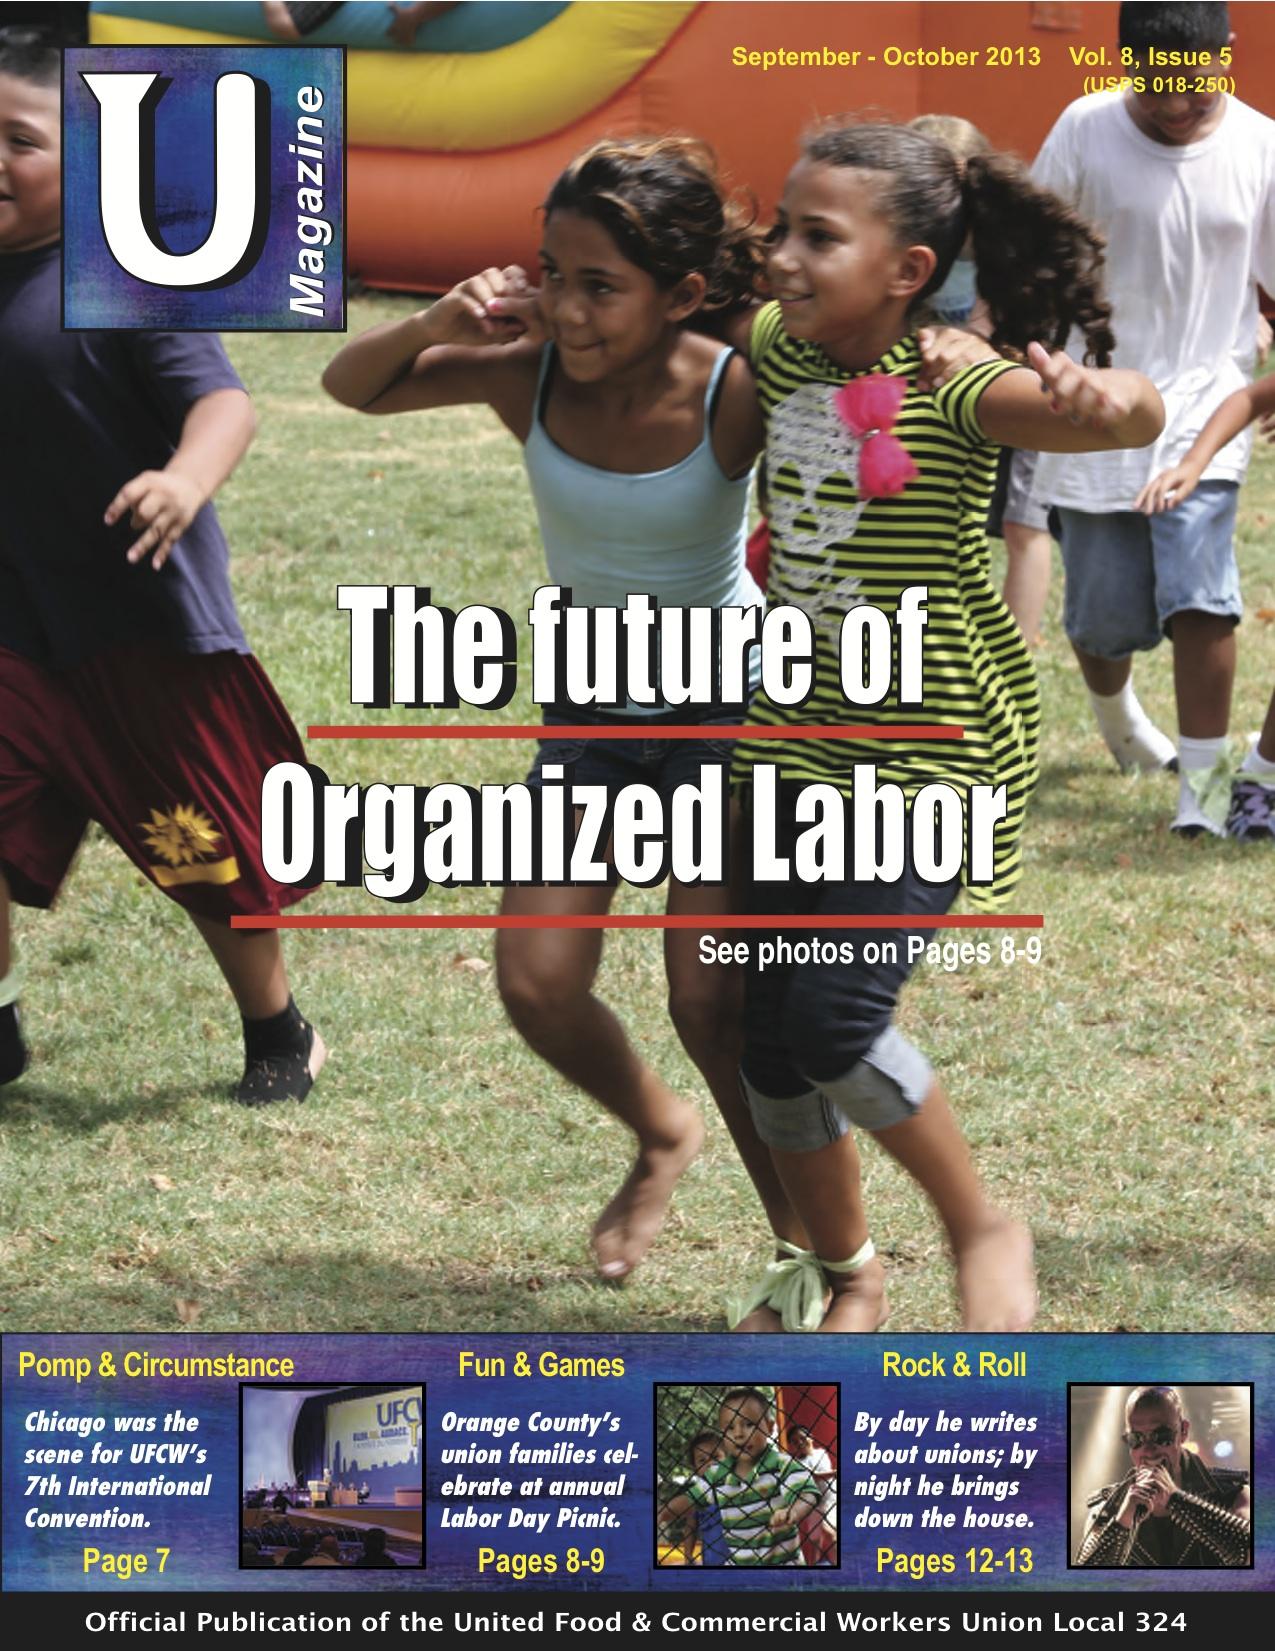 UMagazine September-October 2013